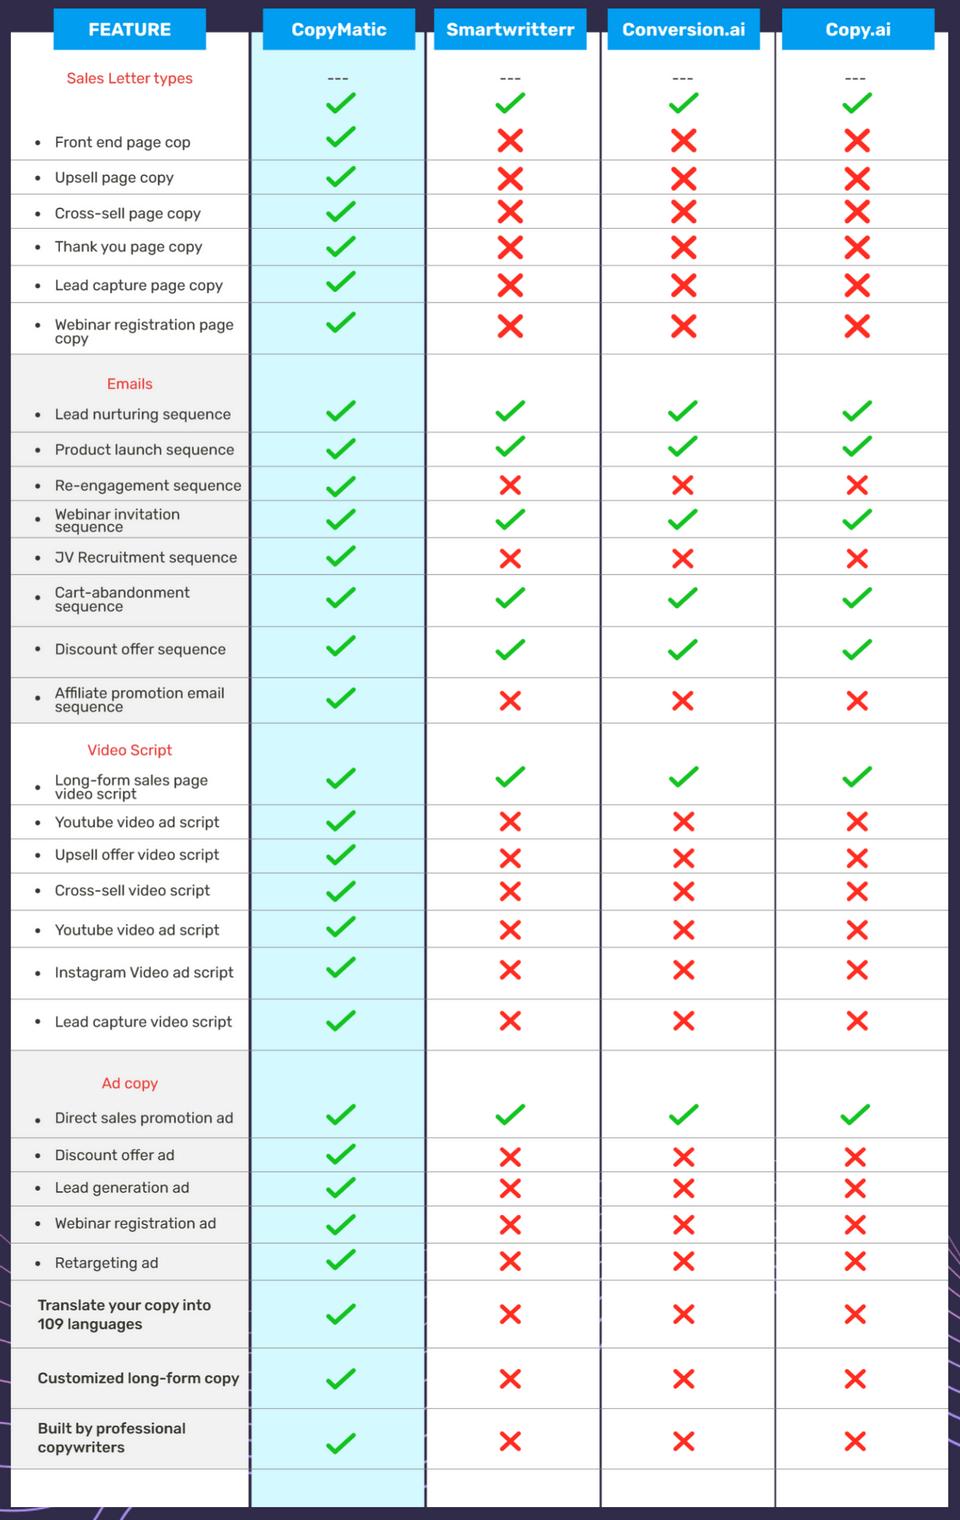 CopyMatic-Compared